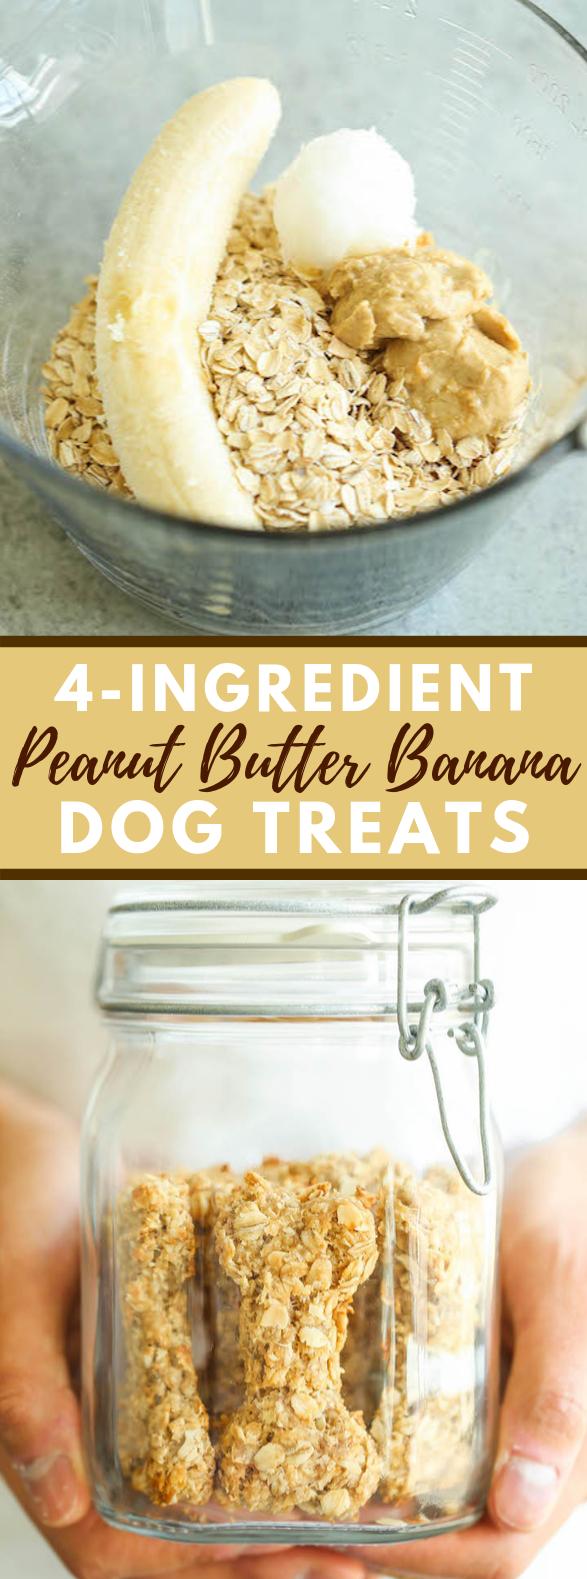 PEANUT BUTTER BANANA DOG TREATS #healthy #snacks